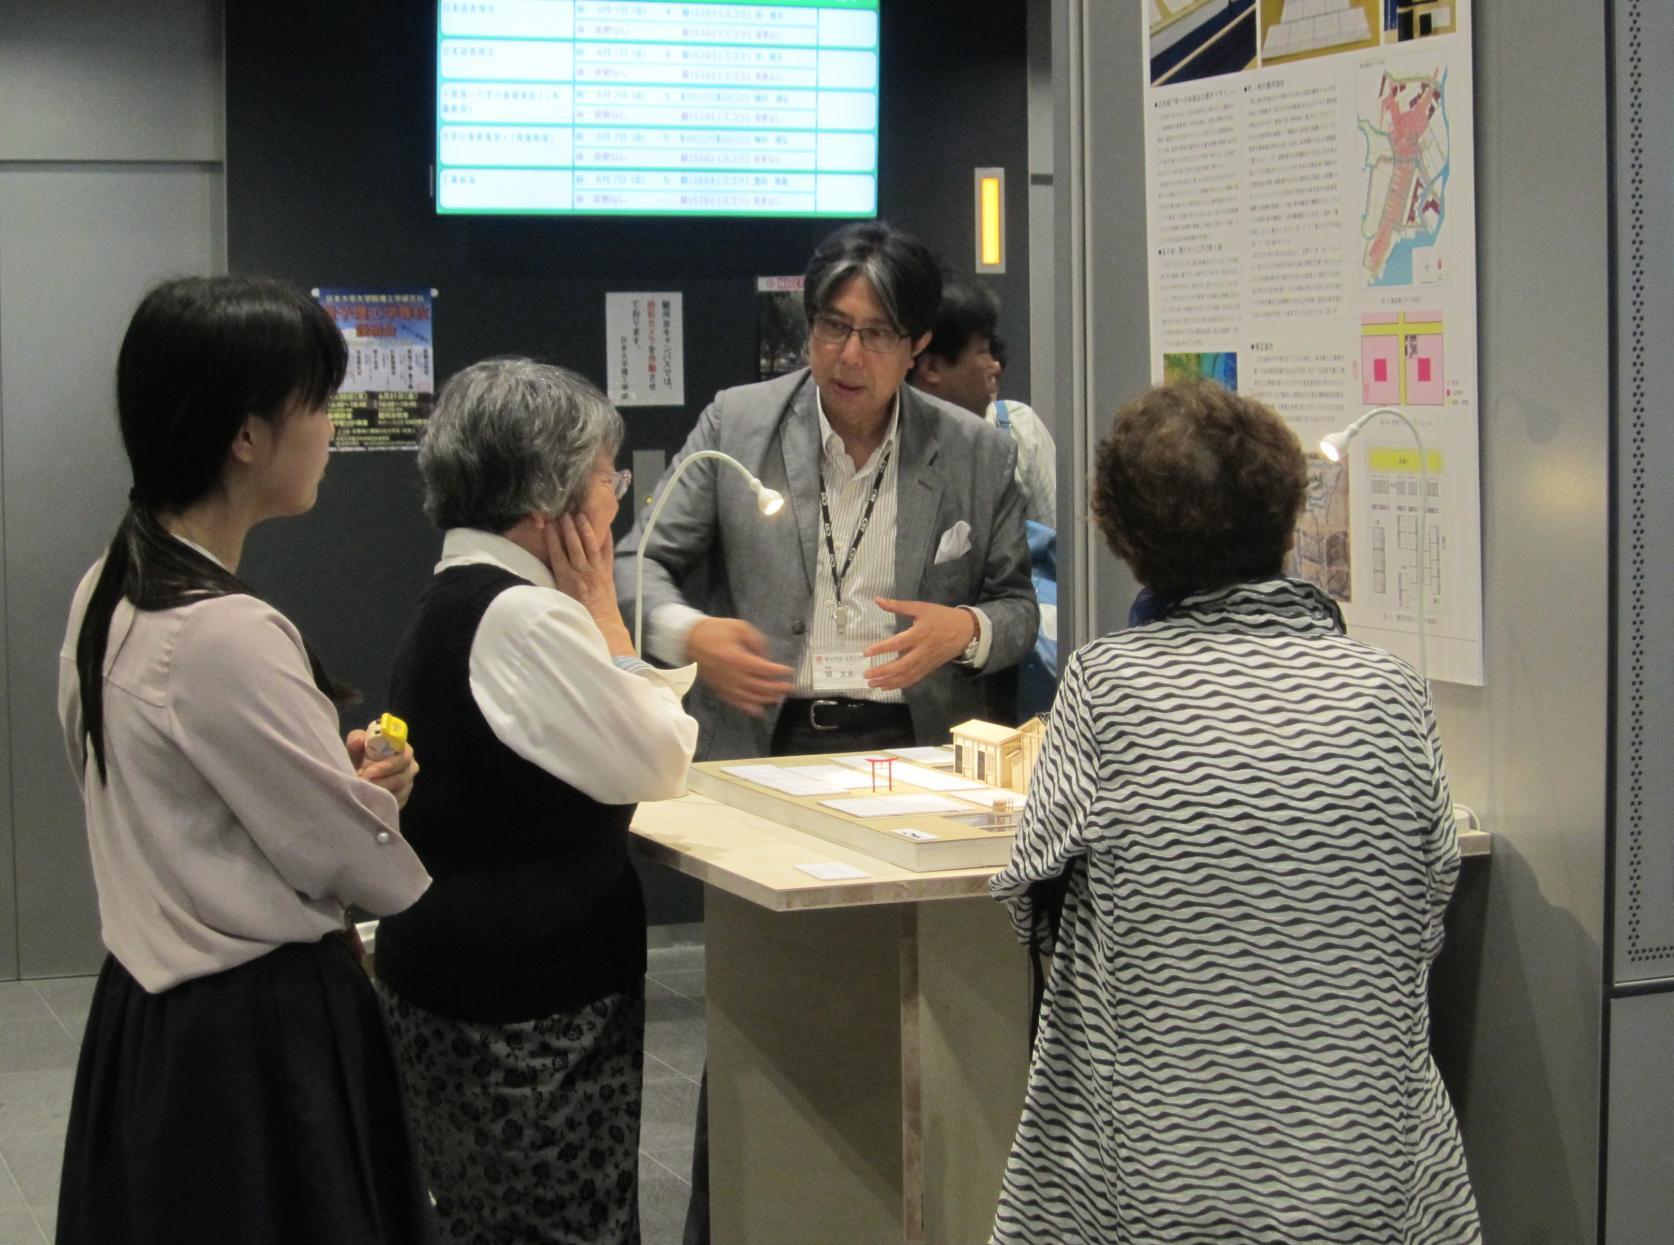 第35回日本大学理工学部図書館公開講座が終了しました。